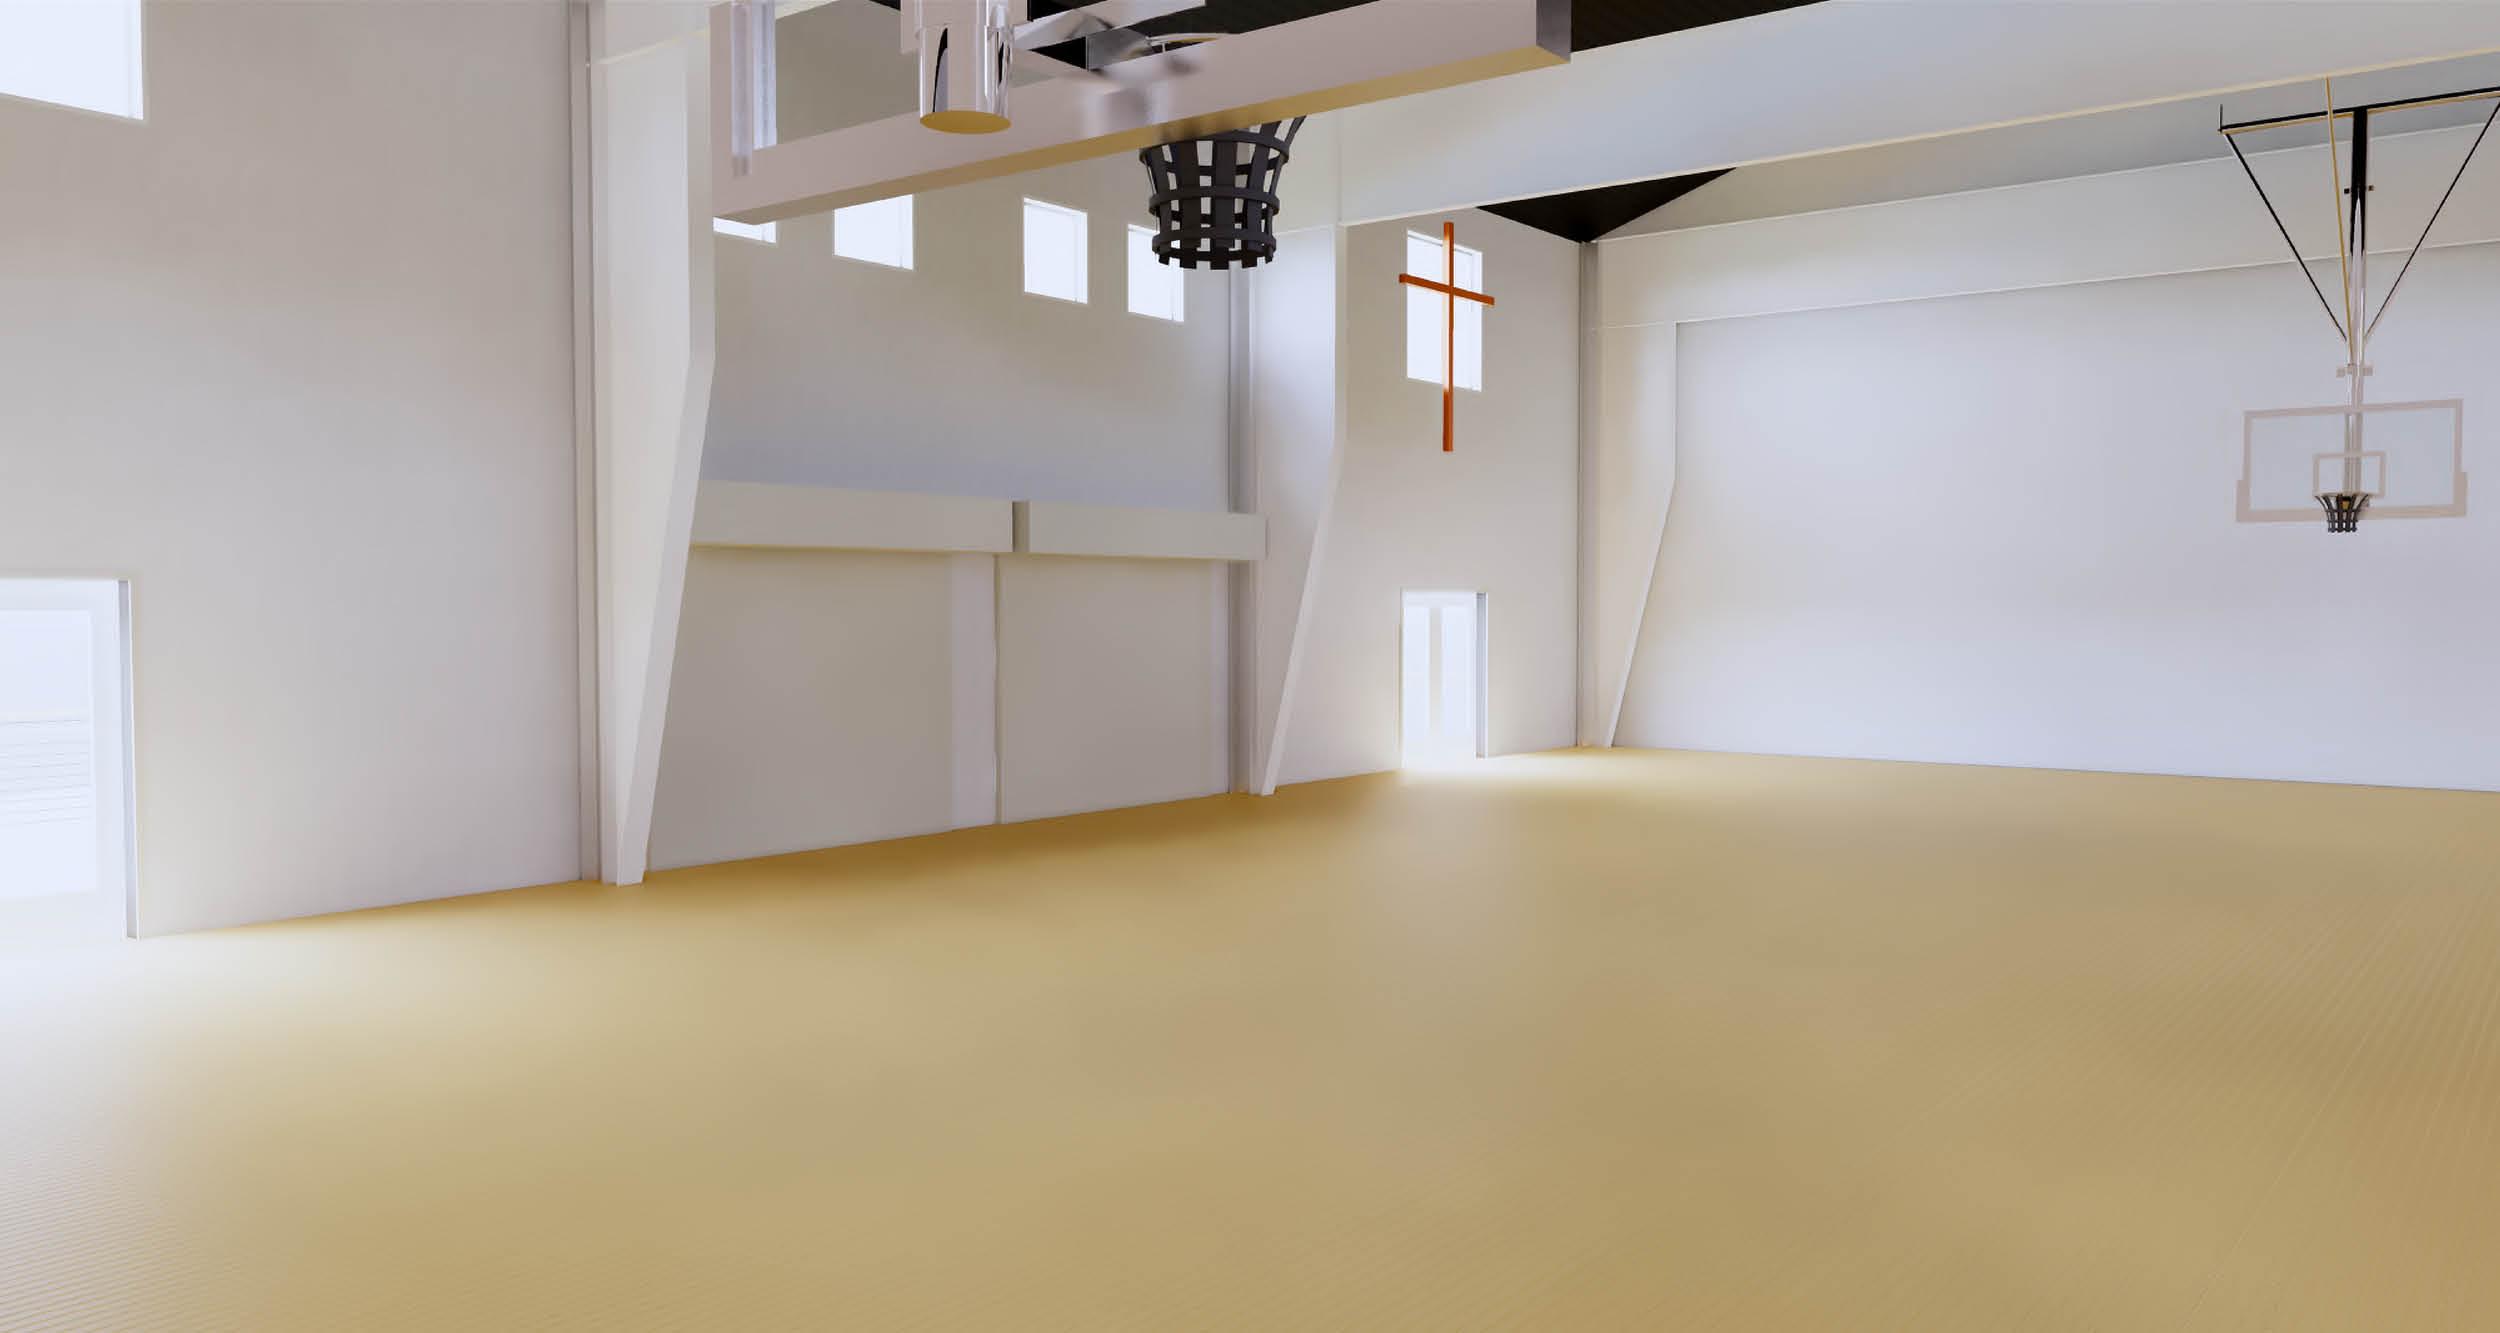 Photo Slider - Interior Gym